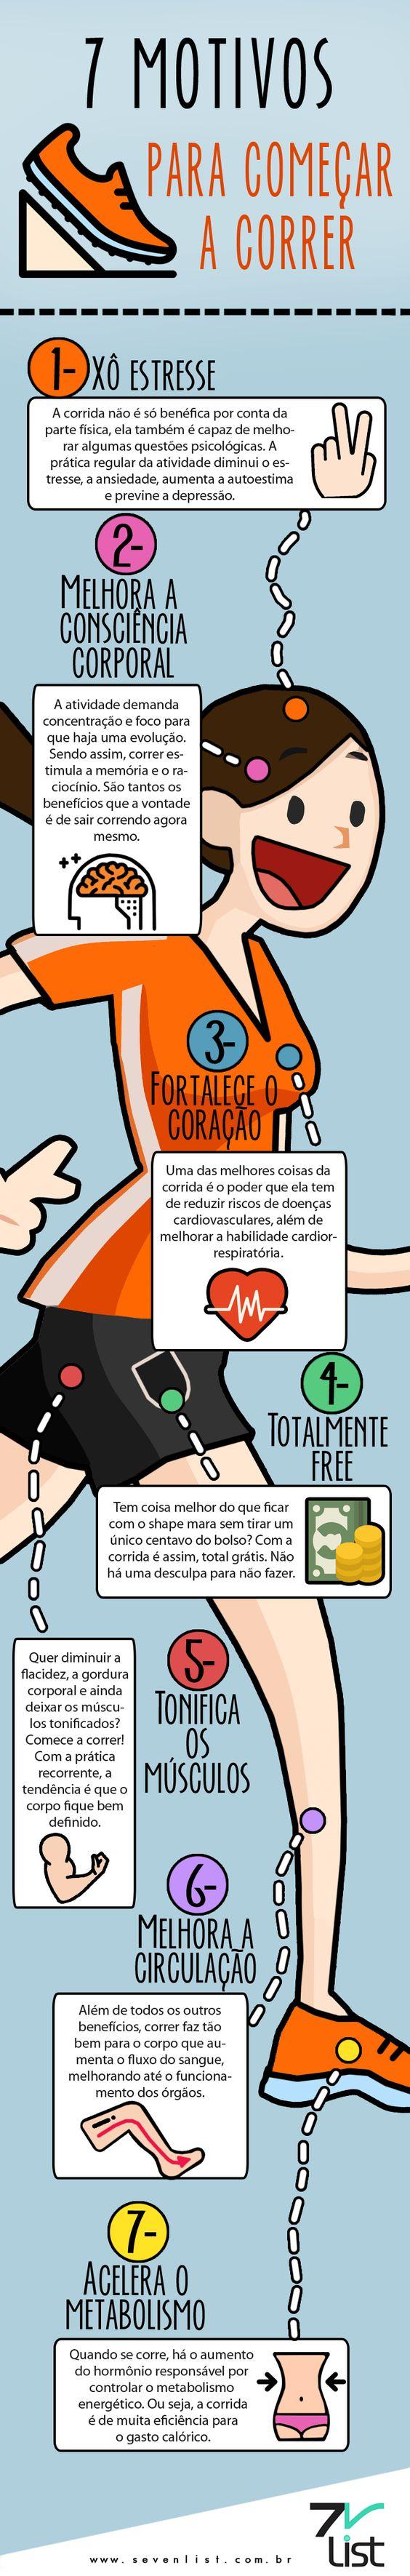 cuidados com a saúde